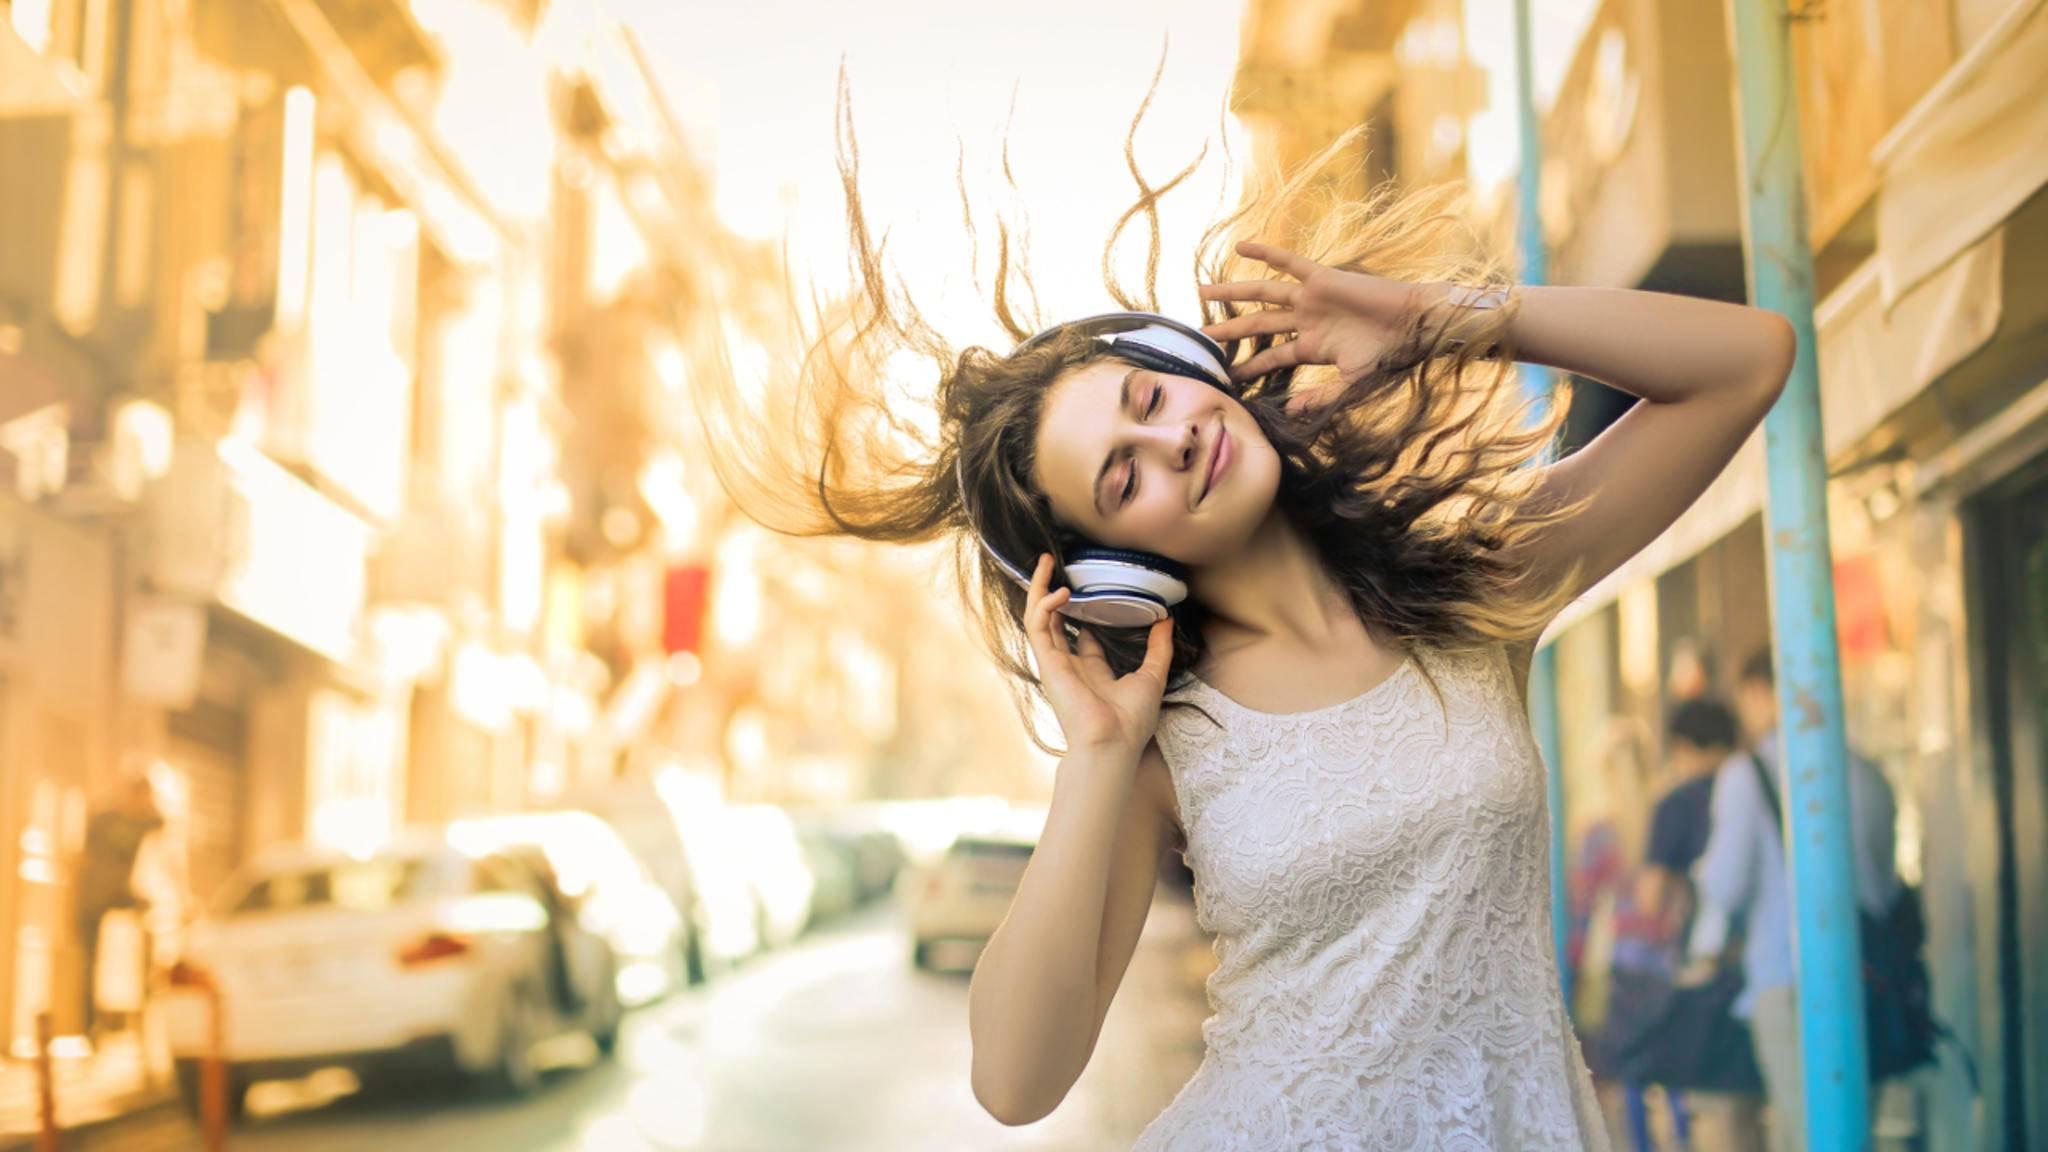 Mit Noise-Cancelling-Kopfhörern kannst Du Umgebungsgeräusche herausfiltern.